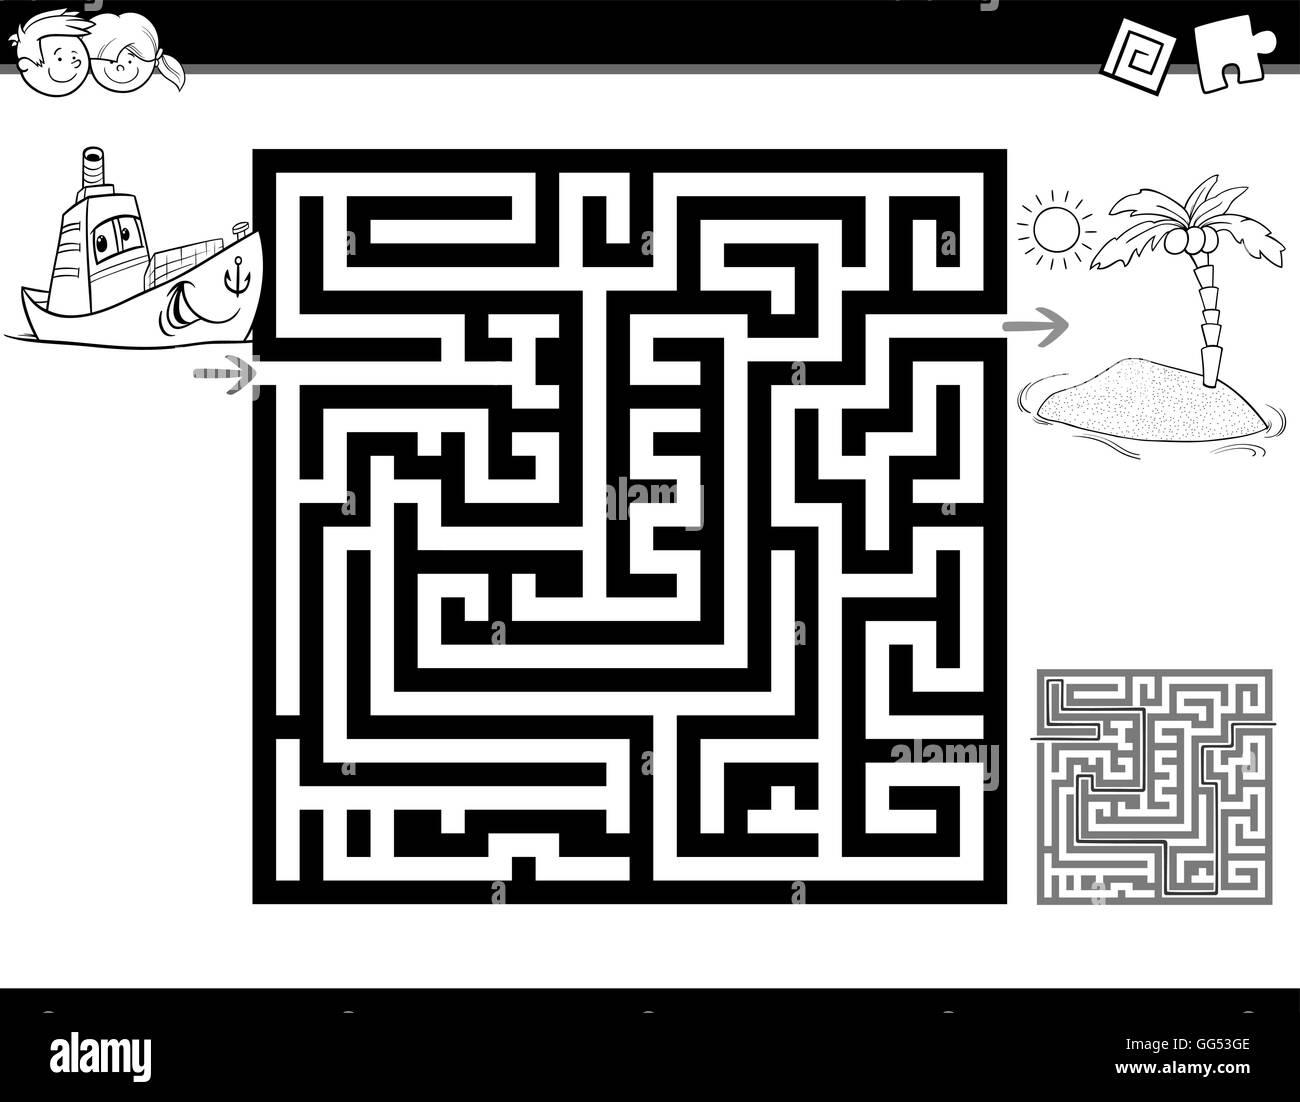 Wunderbar Gefrorene Labyrinth Malvorlagen Bilder - Entry Level ...